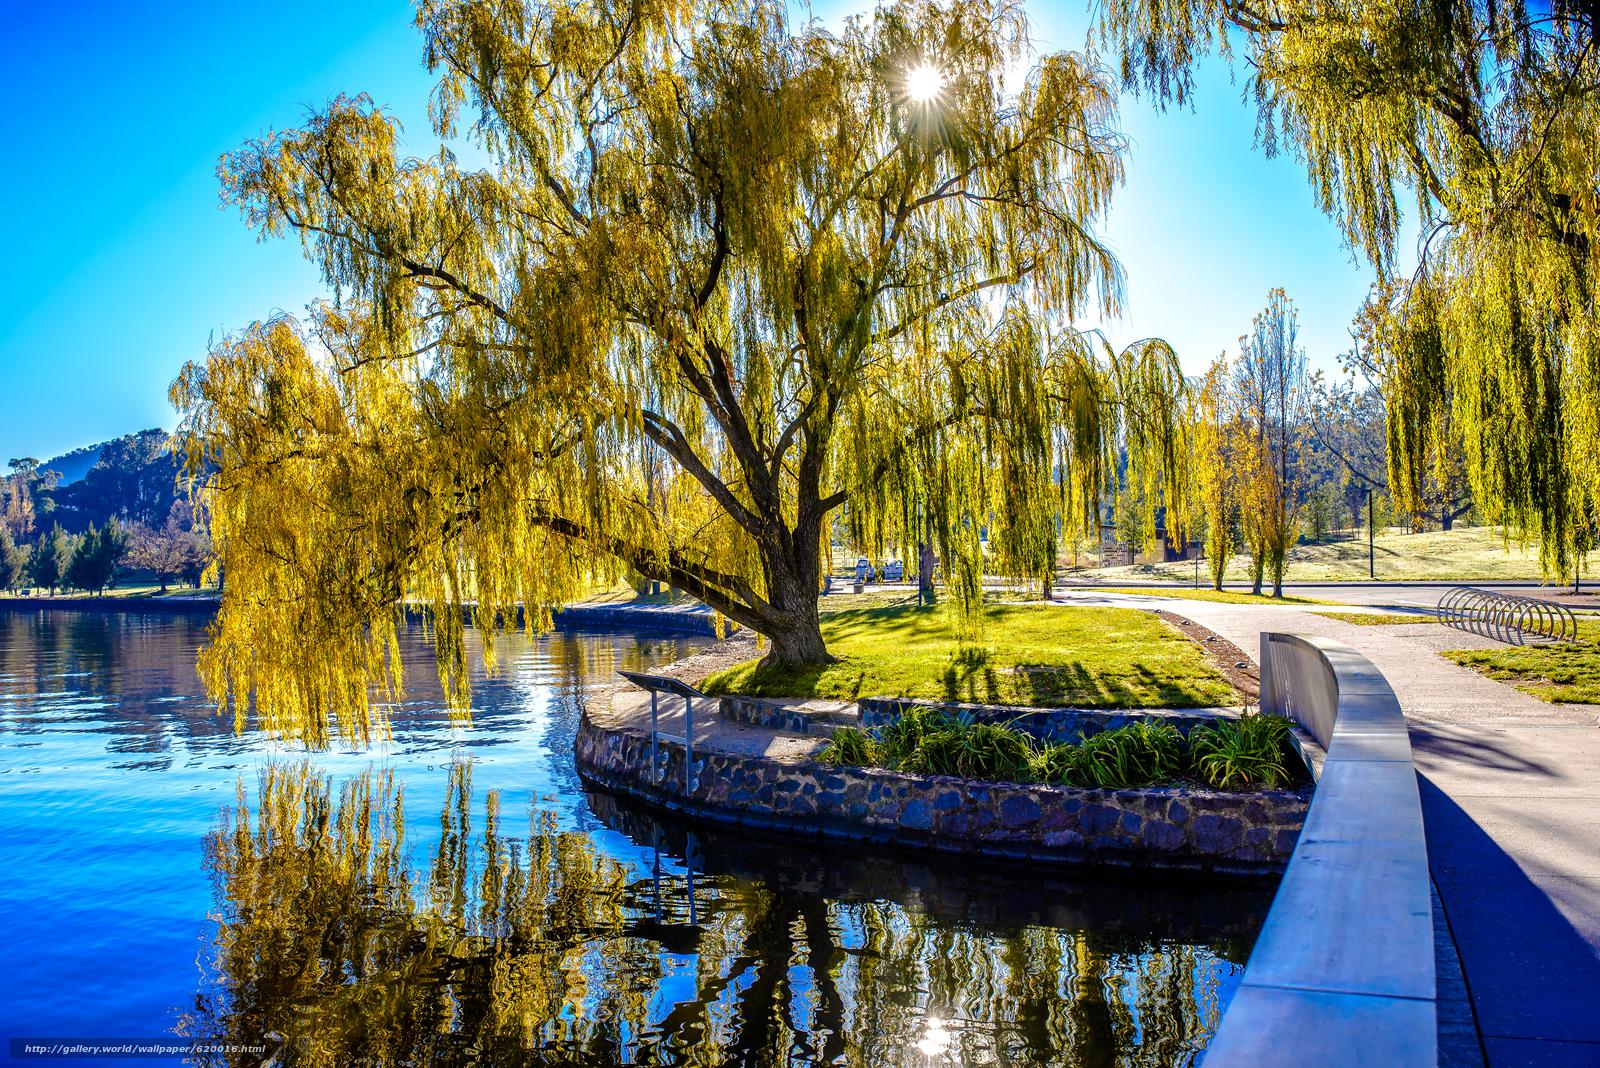 Скачать обои Lake Burley,  Australia,  озеро,  парк бесплатно для рабочего стола в разрешении 4000x2670 — картинка №620016